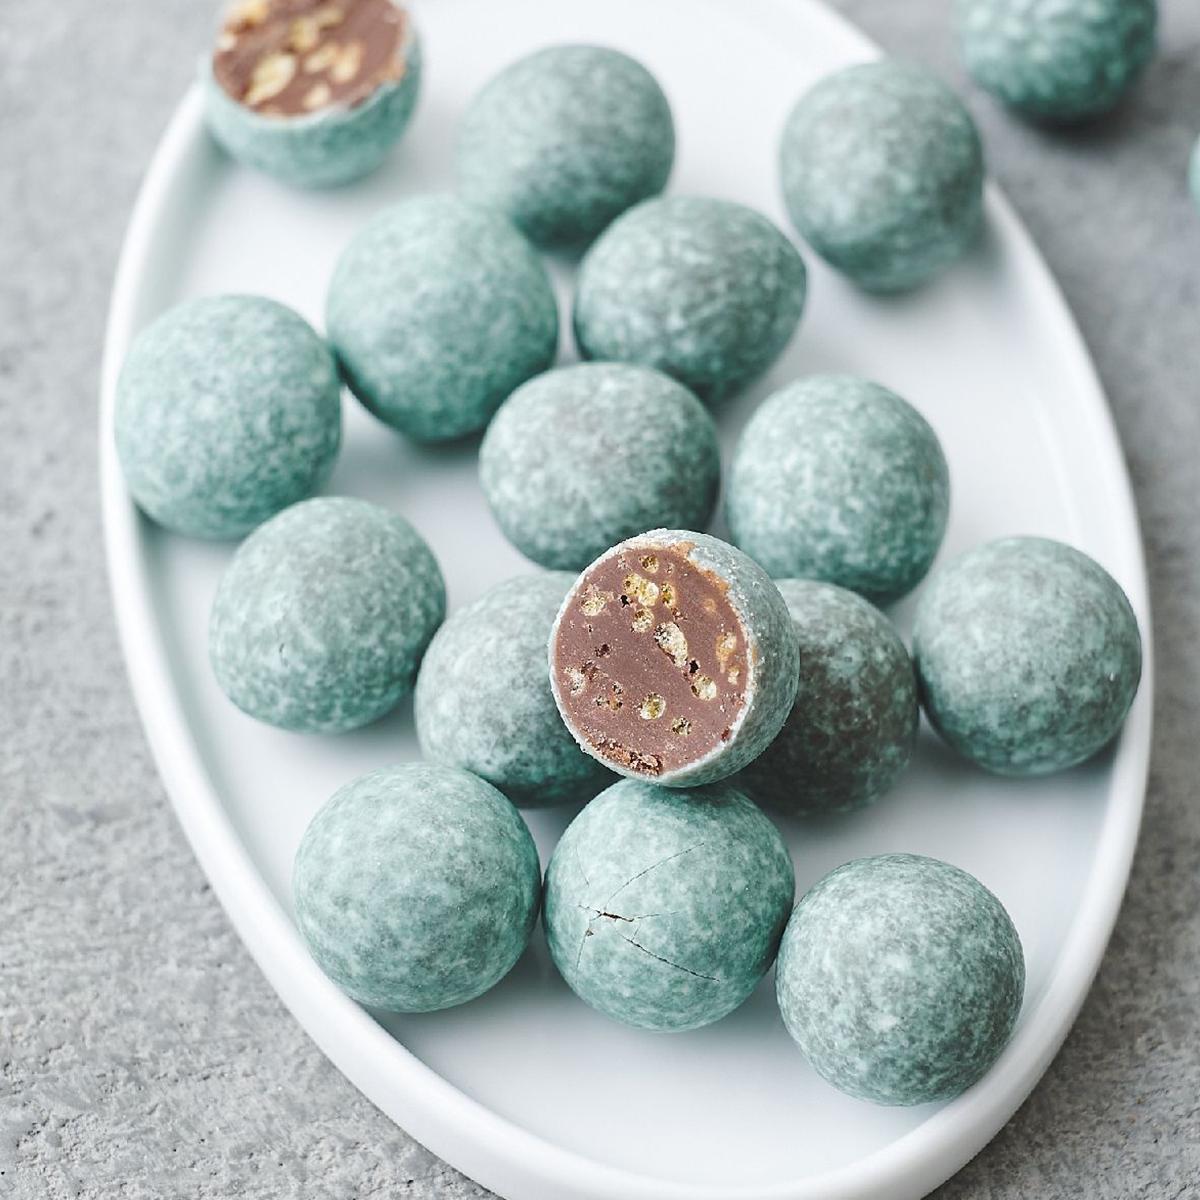 CRUNKY薄荷巧克力球(42g)